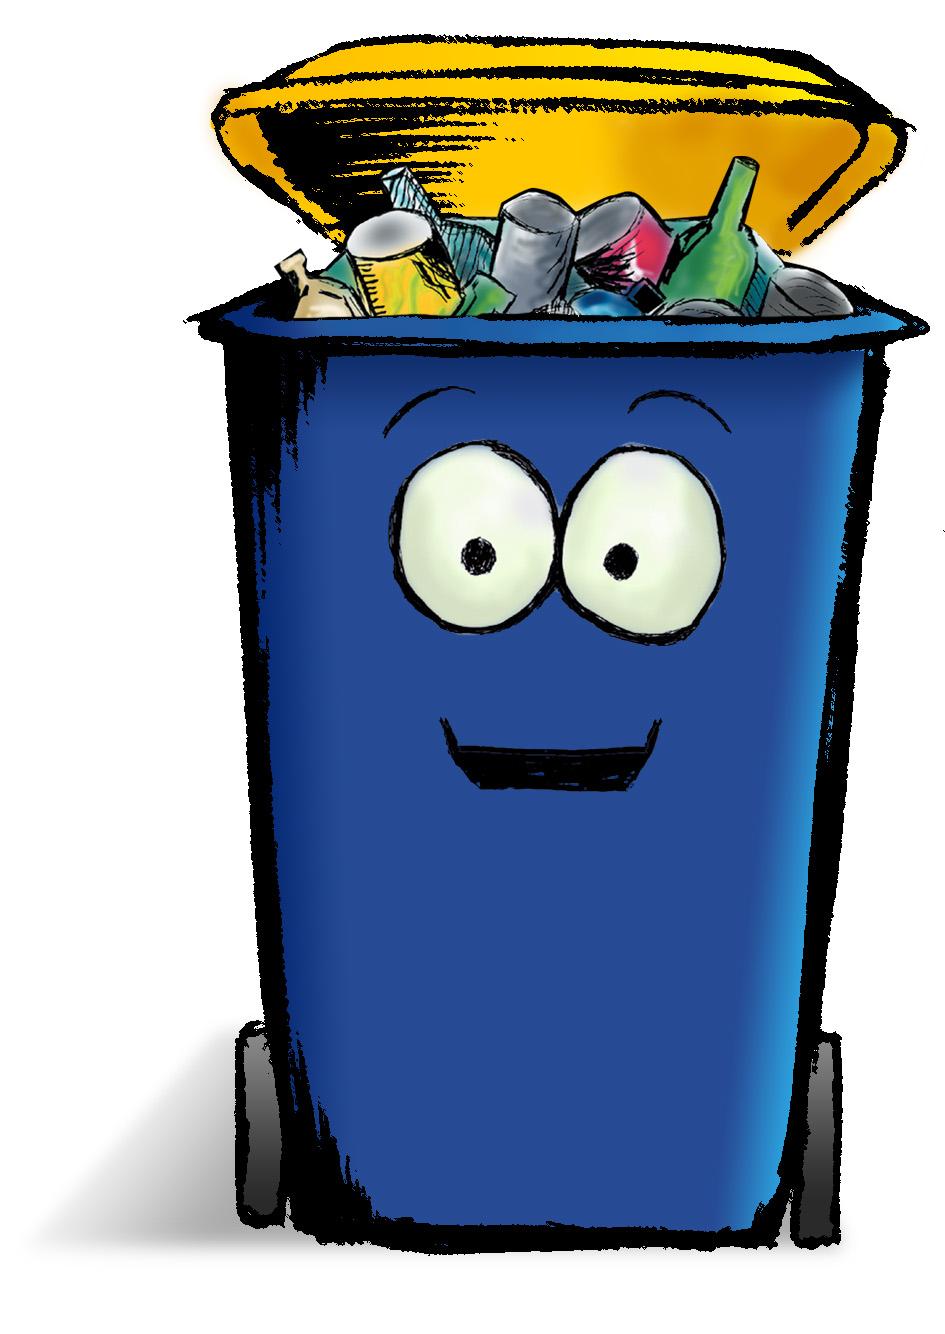 recycling-bin-cartoon.jpg